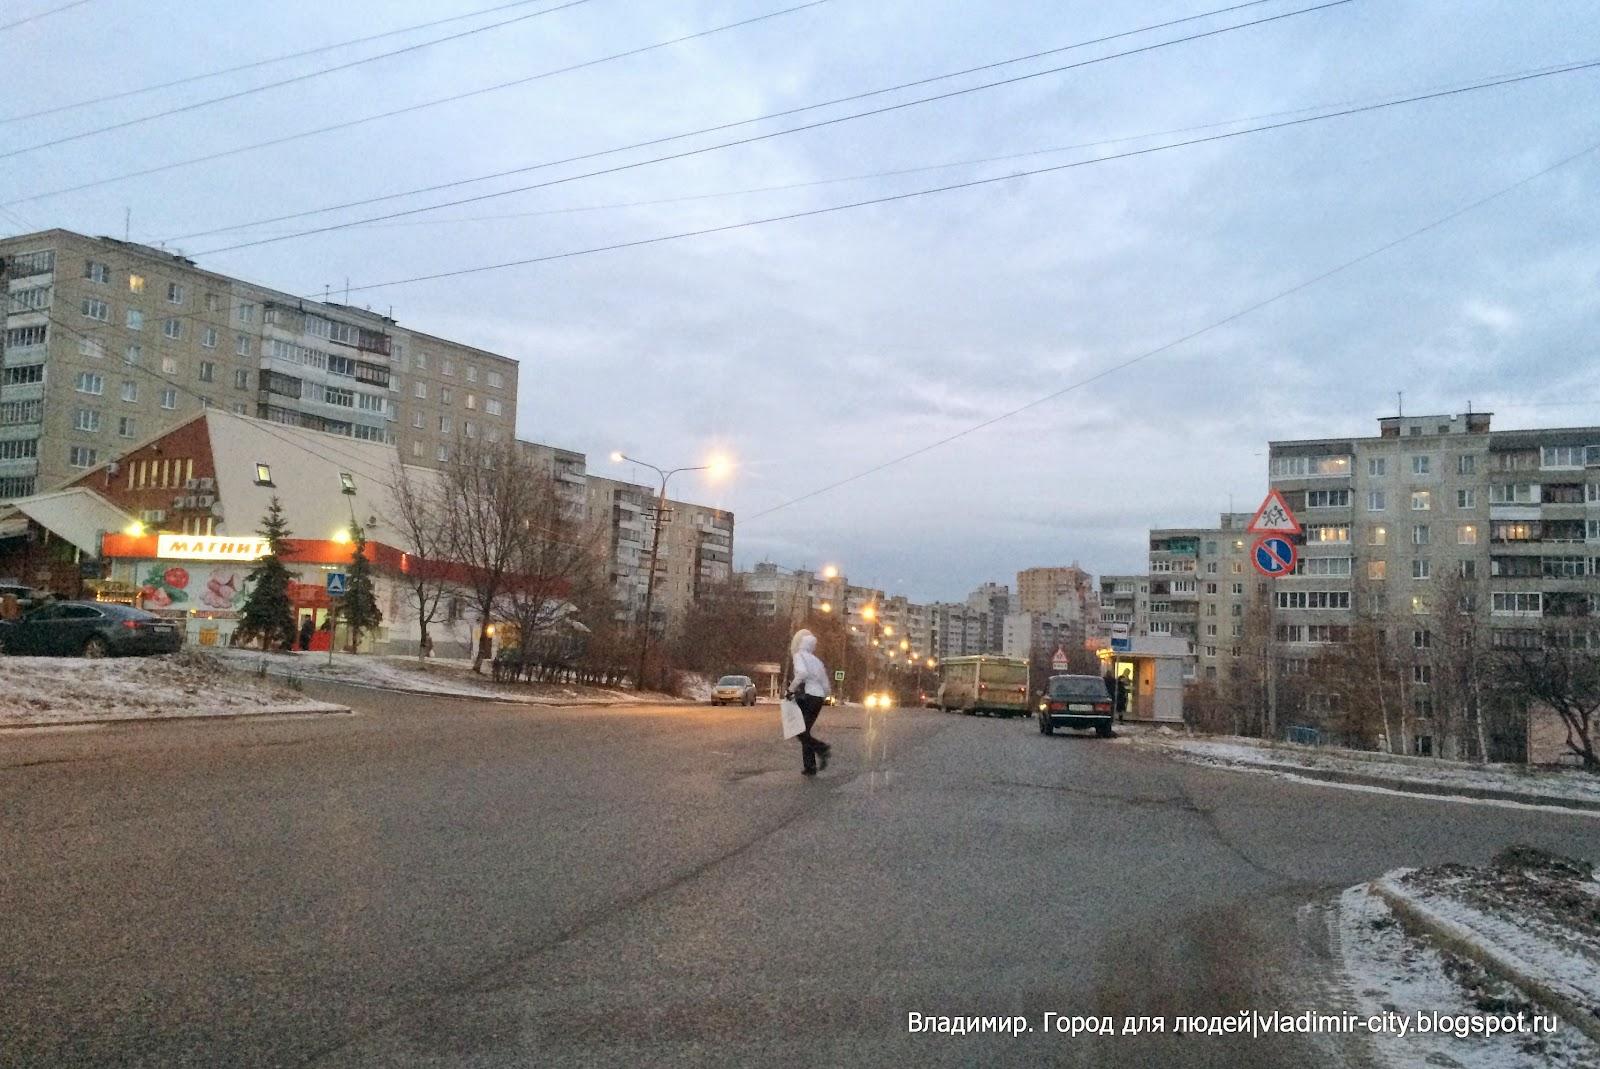 схема дорожный знаков город владимир